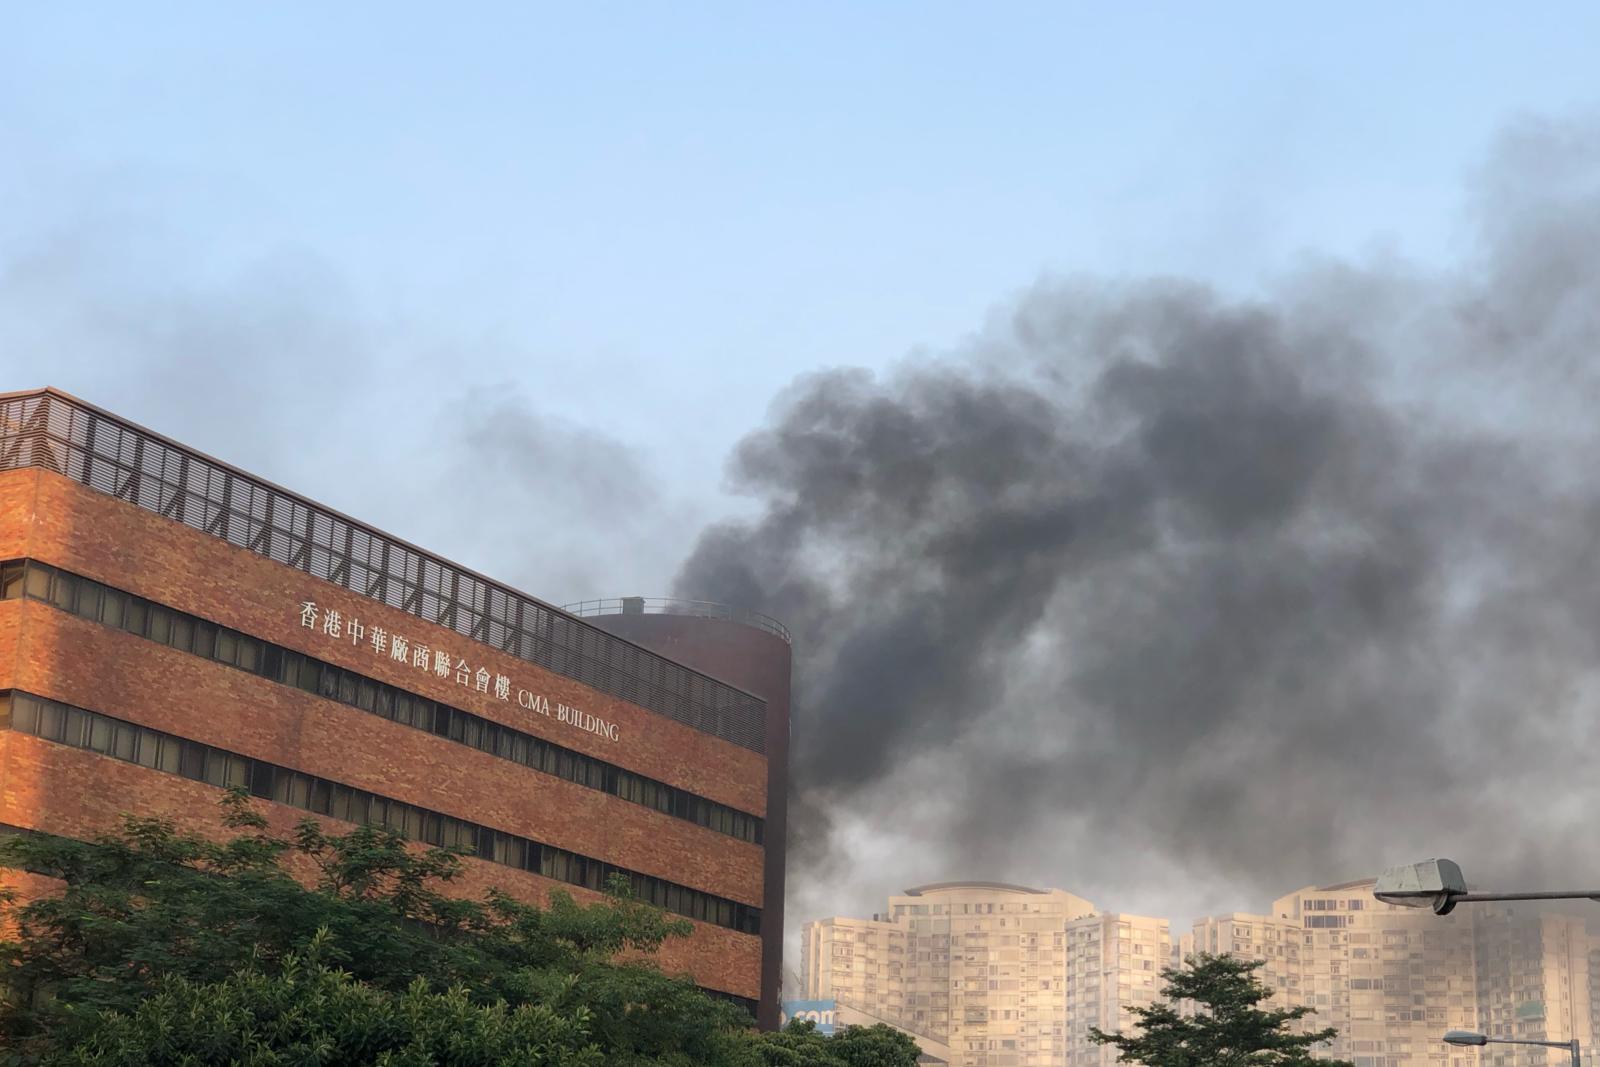 否认理大Y座出口射催泪弹 警方:暴徒纵火阻人离开